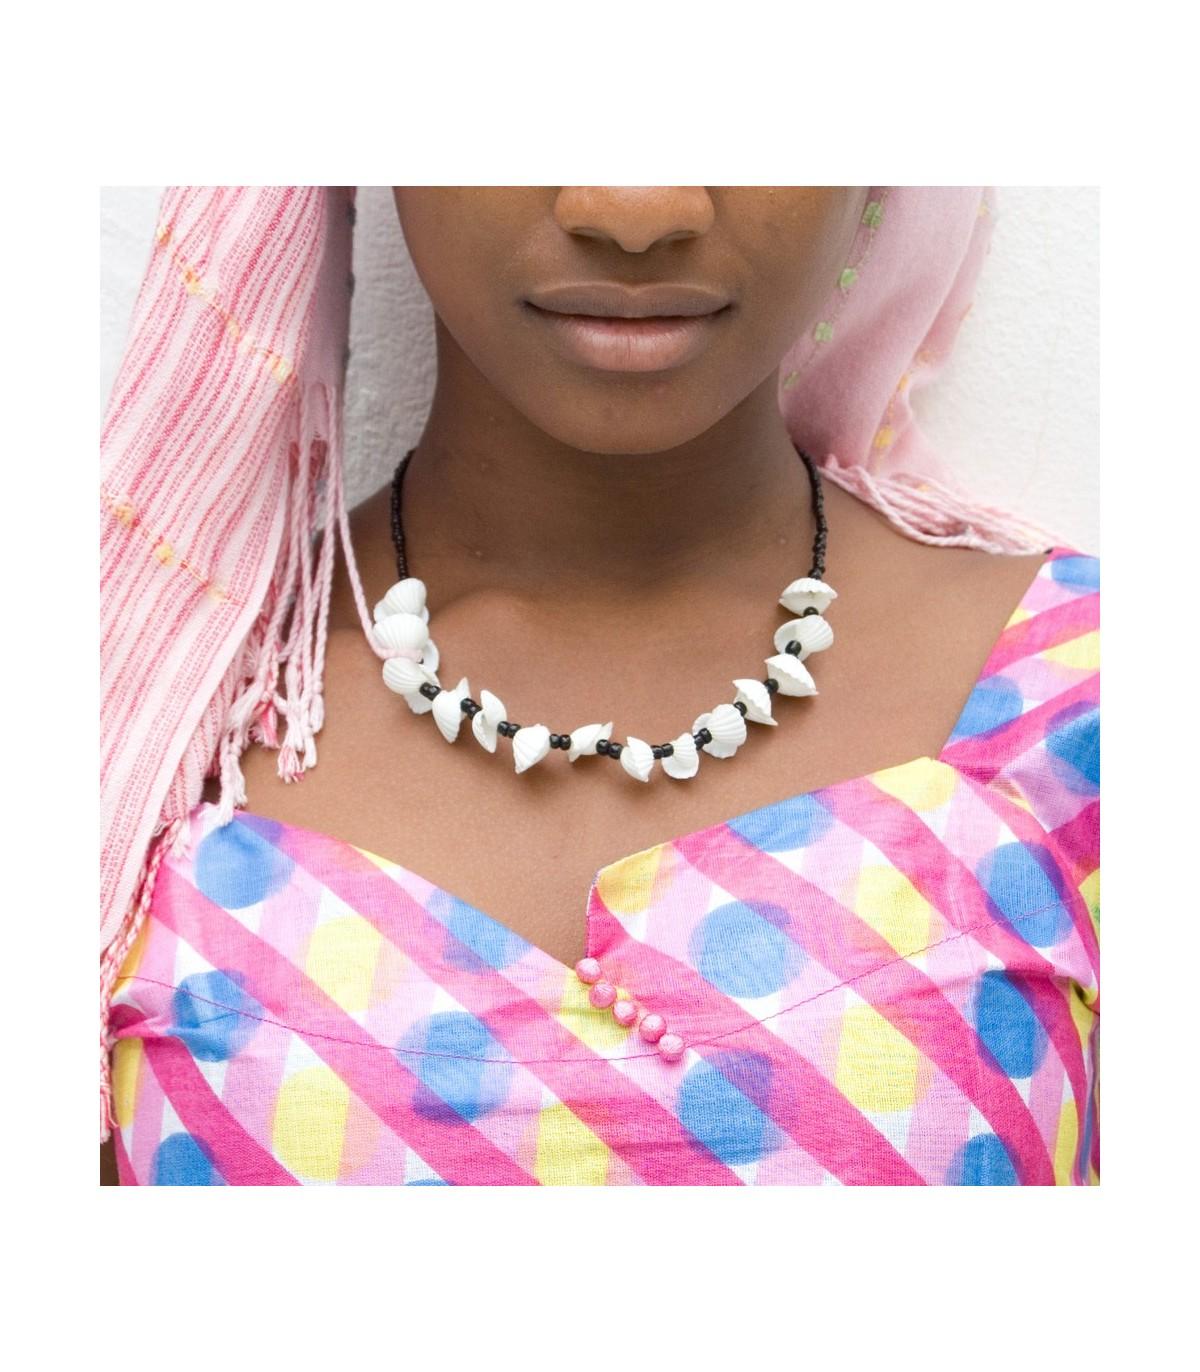 a5015a77e5e1 Collar Africano Conchas - Diseño Etnico - Artesano - Modelo 3 Online